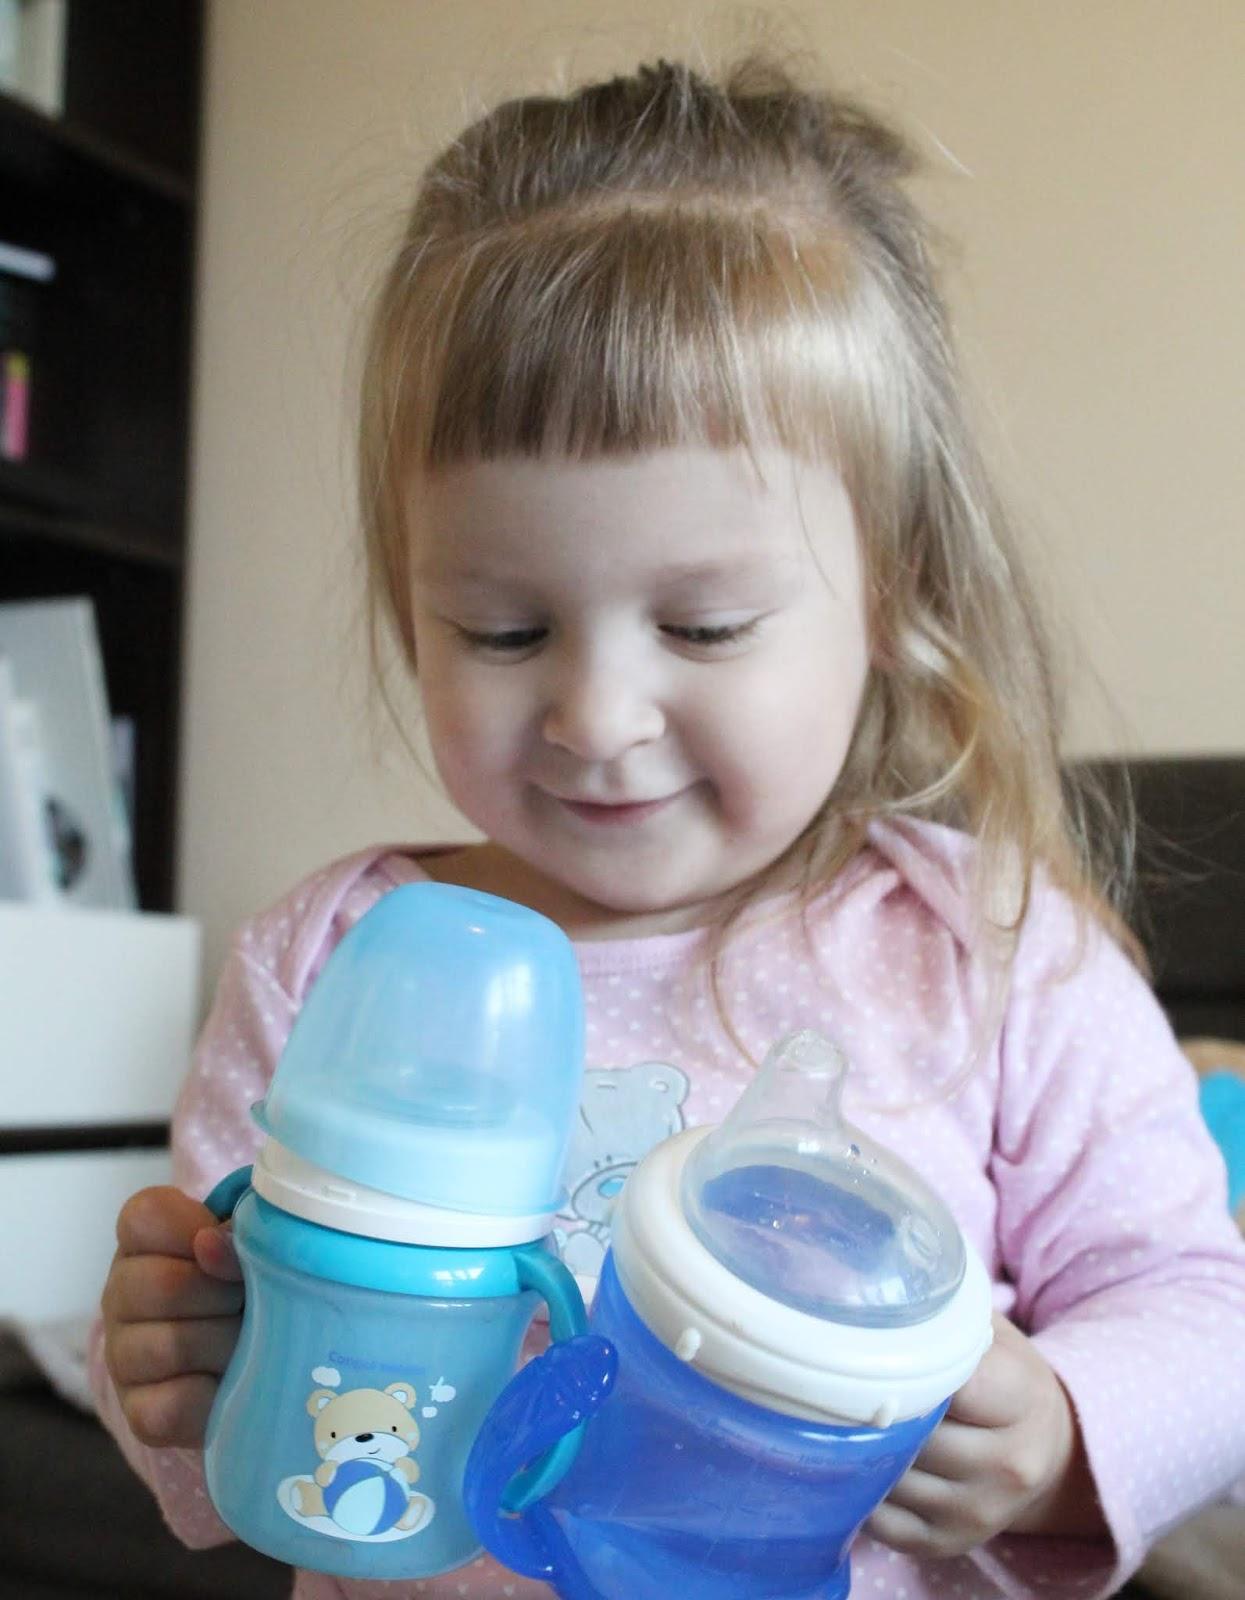 Zestaw Sweet Fun - Canpol Babies - Blogosfera - edycja 42